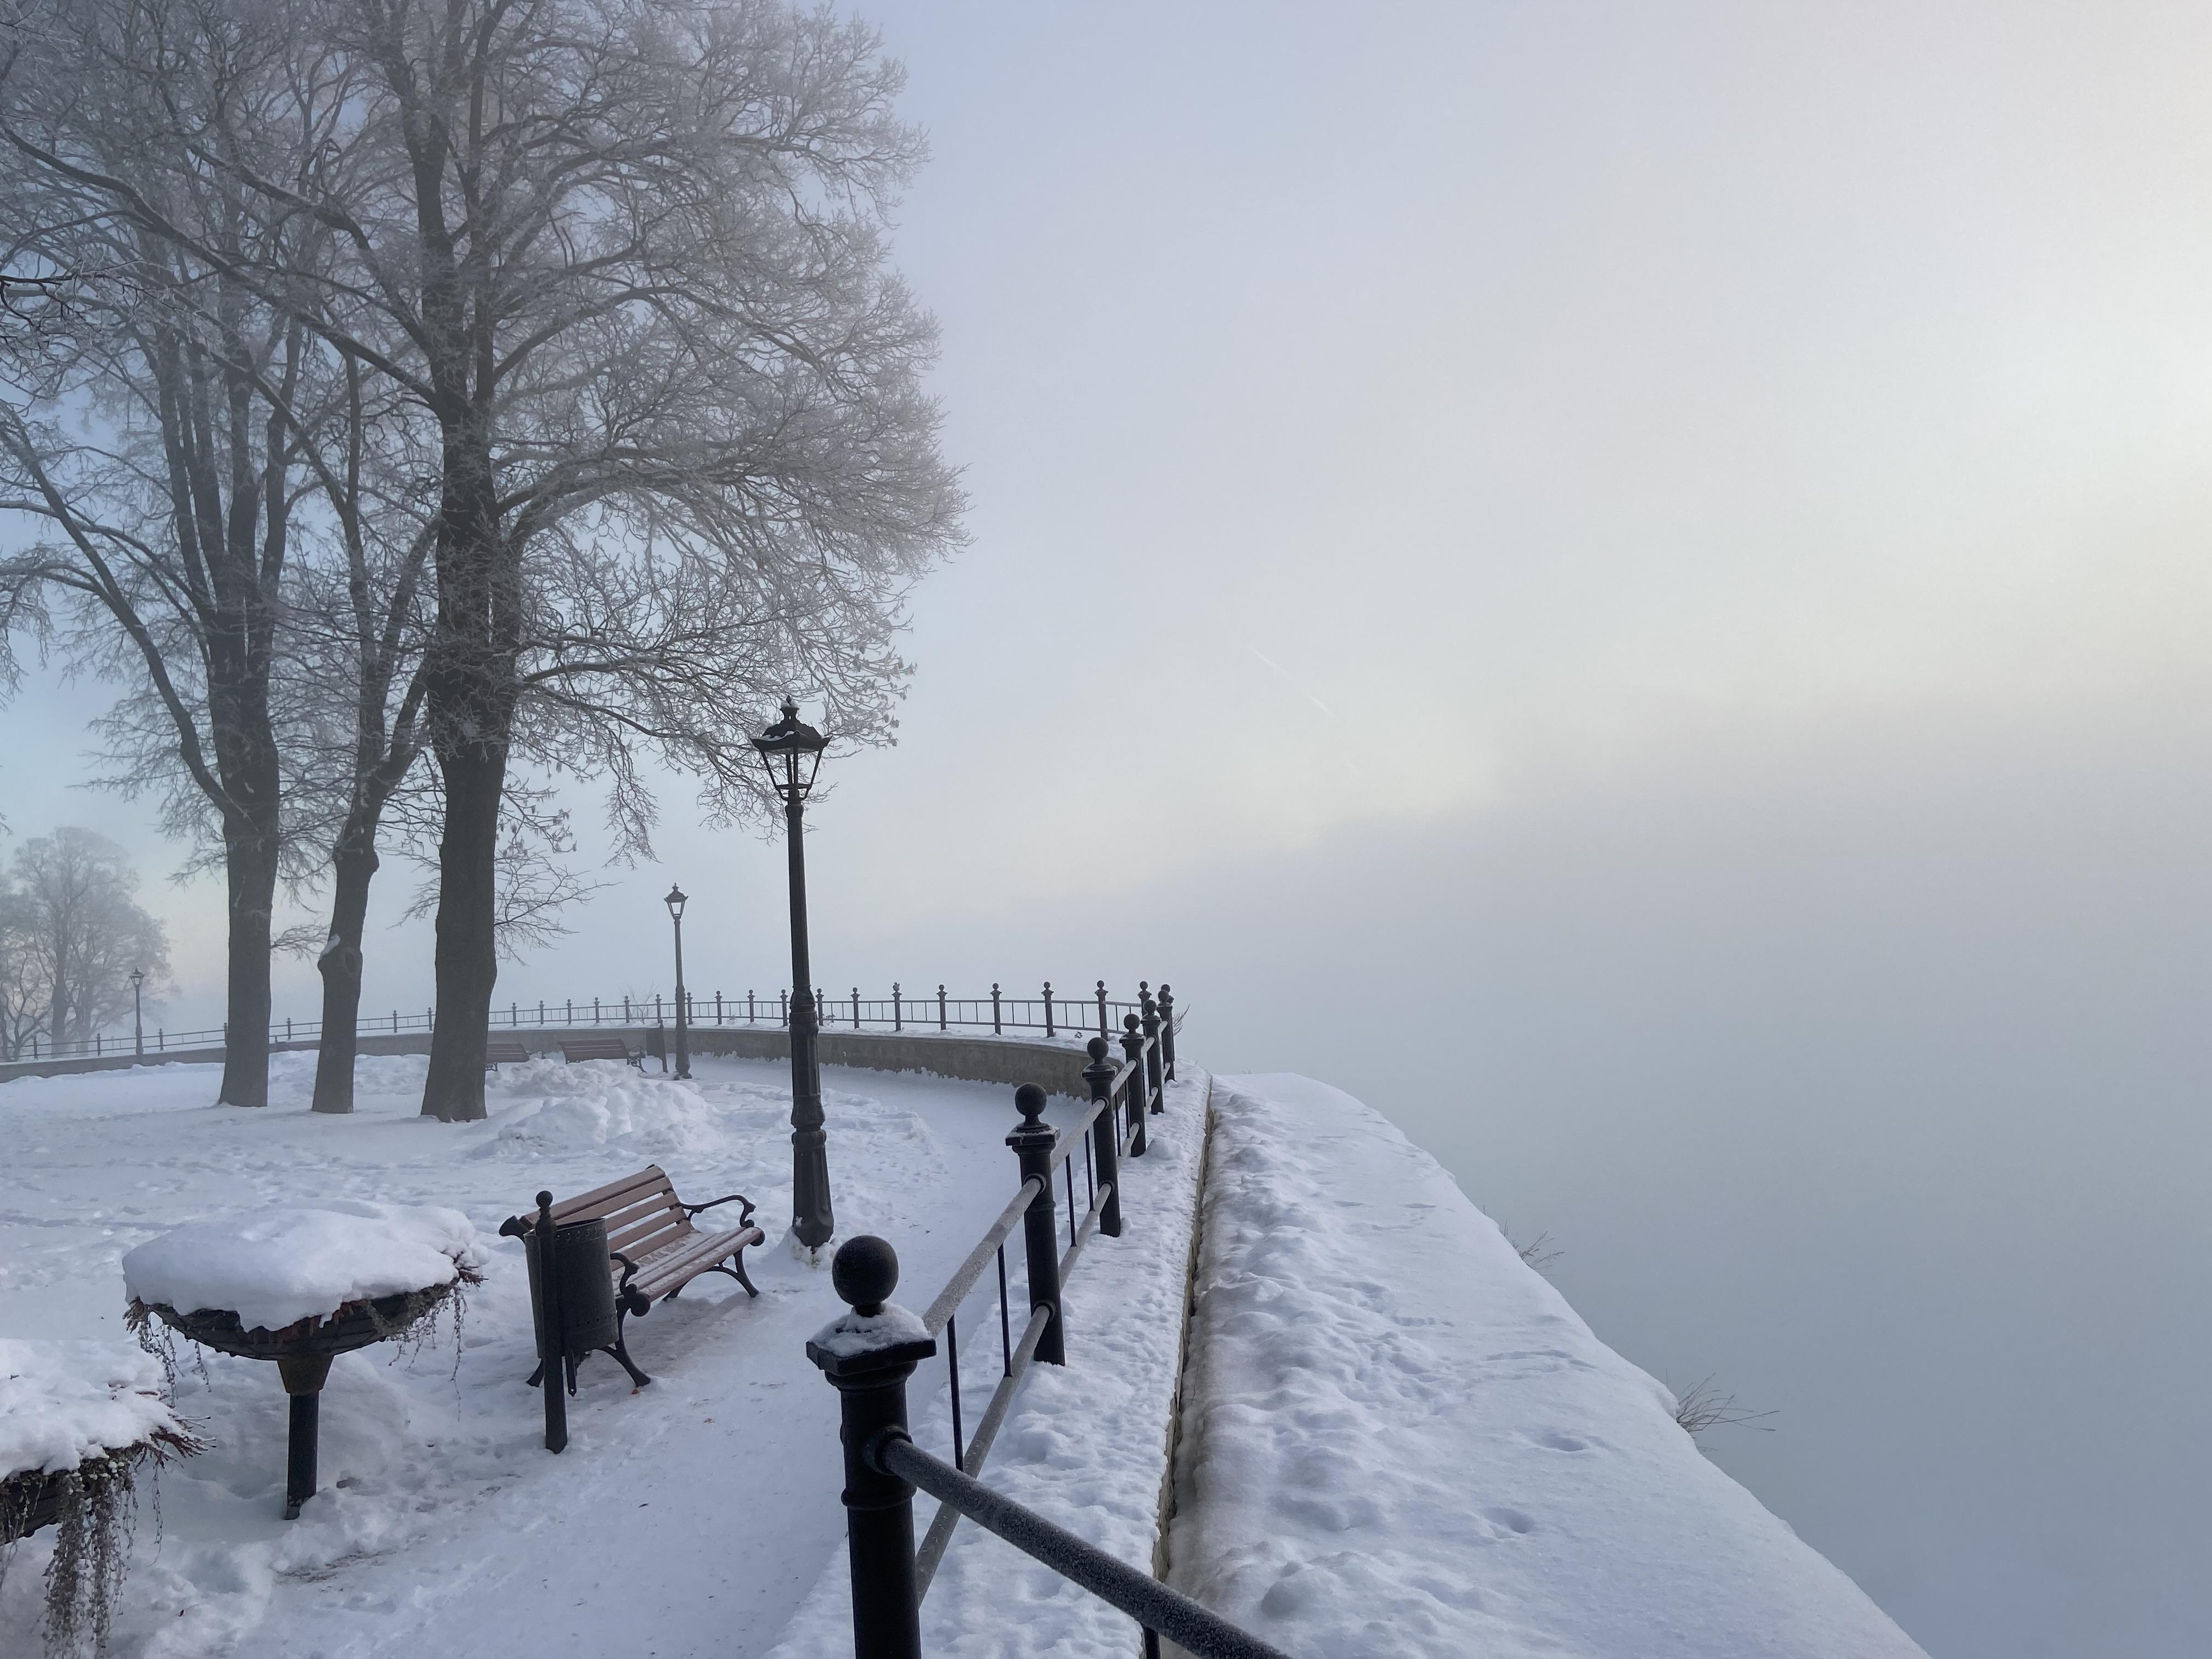 Эстоно-российская граница, Нарвский замок, мост «Дружба» - исчезли